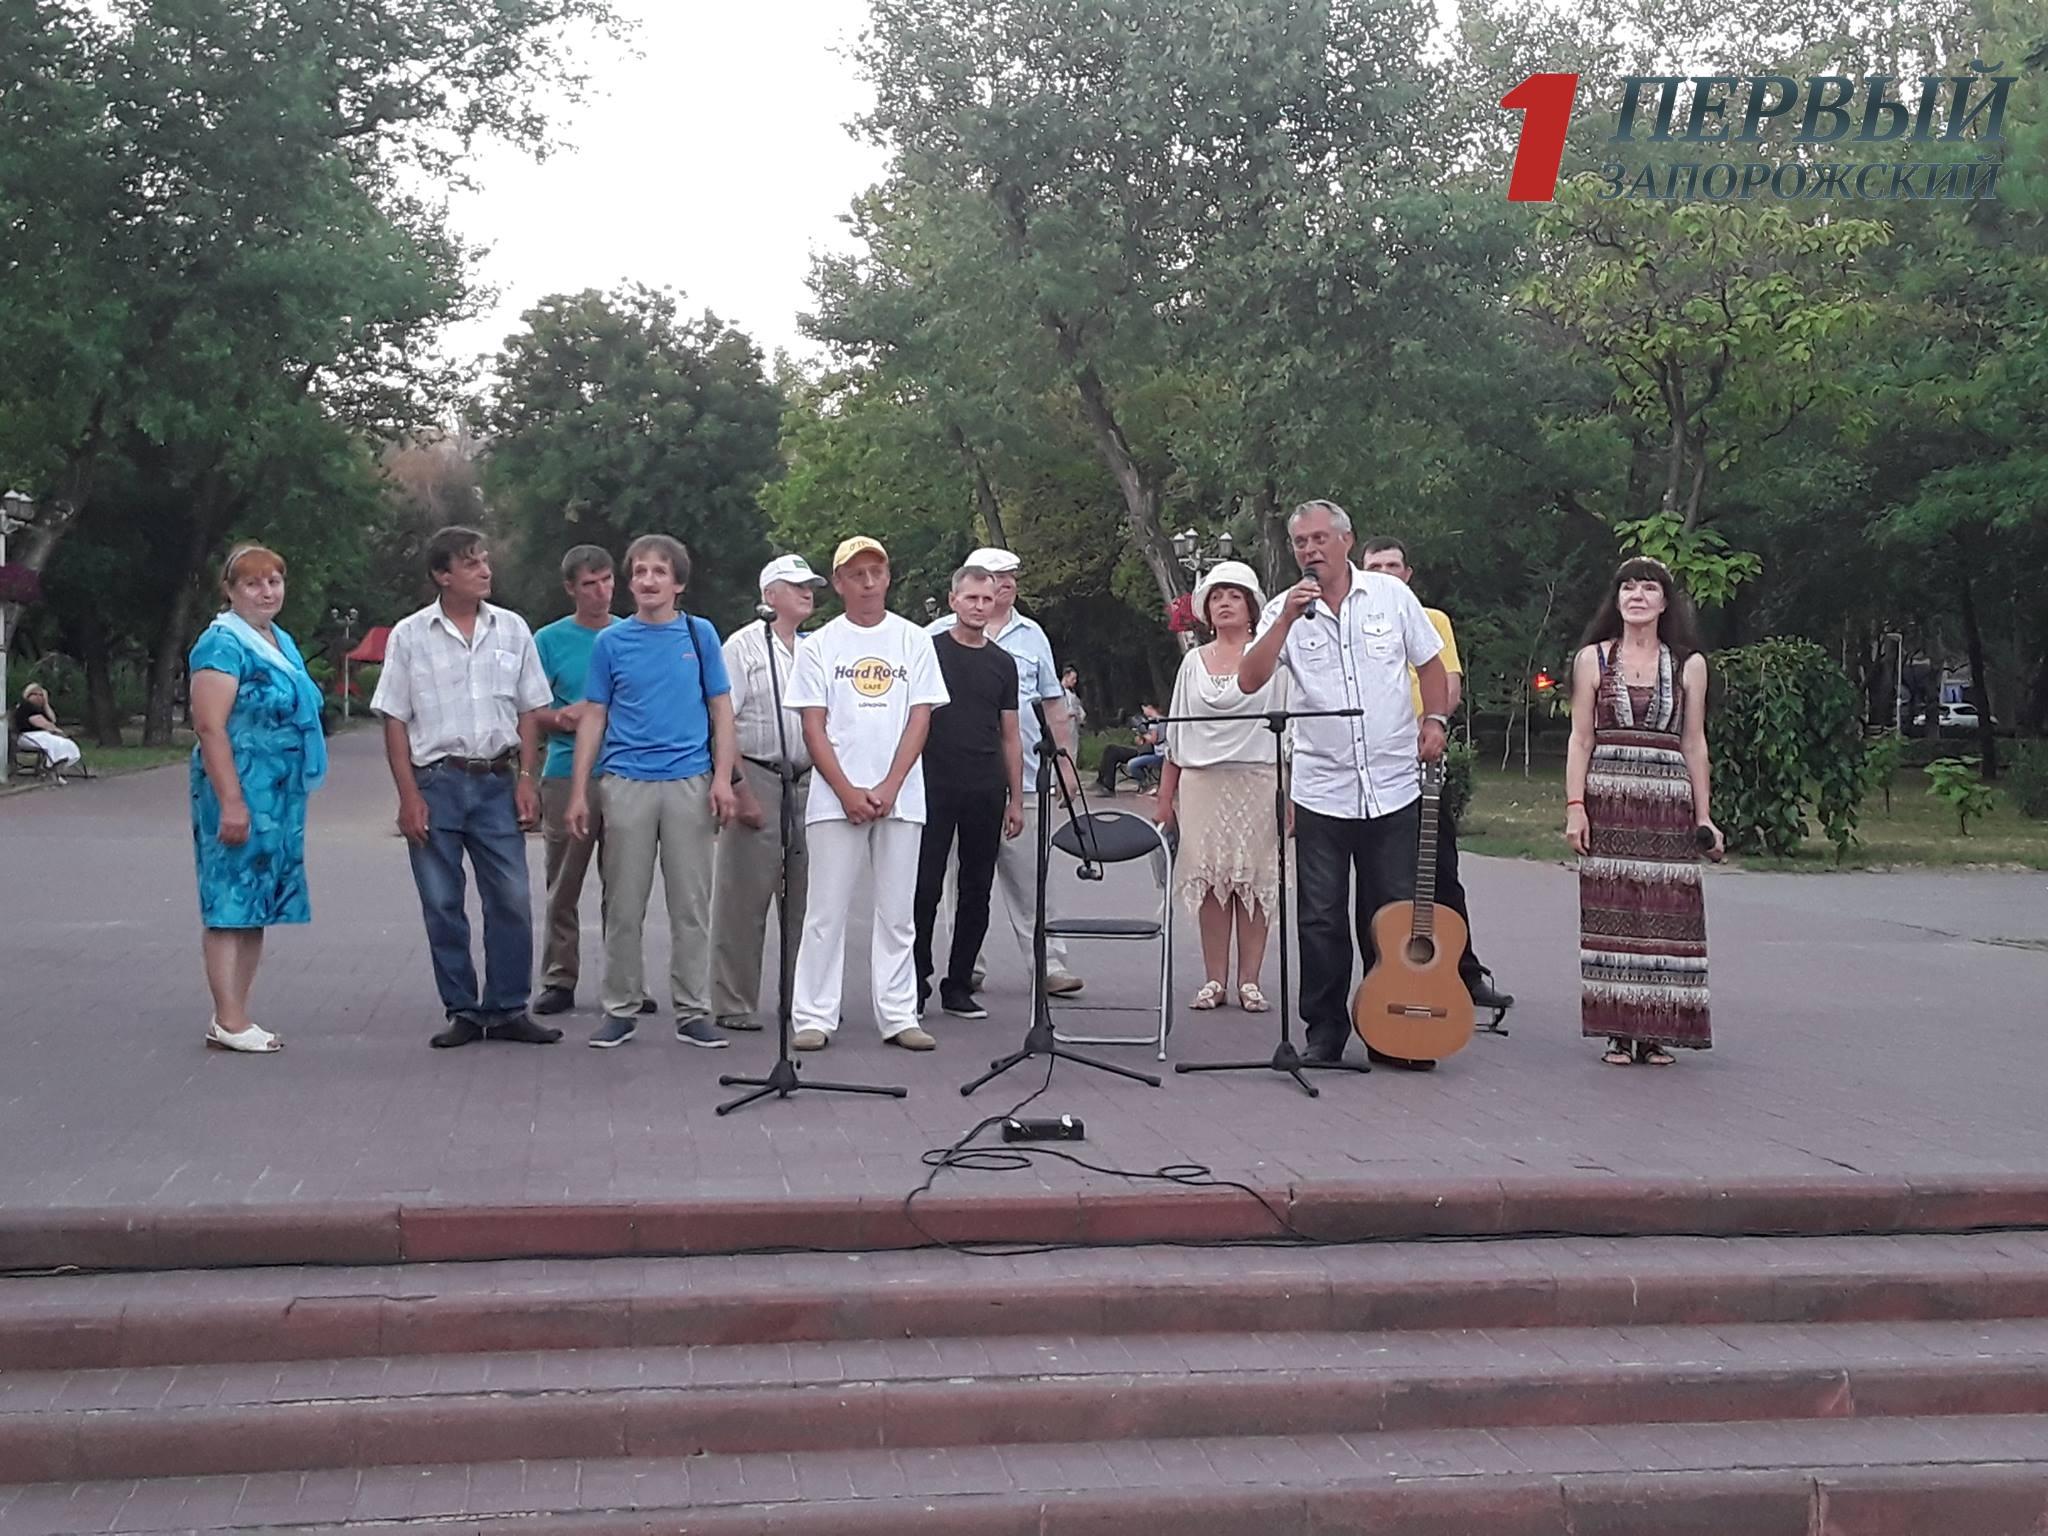 В Запорожье под открытым небом прошел концерт авторской песни - ФОТО, ВИДЕО